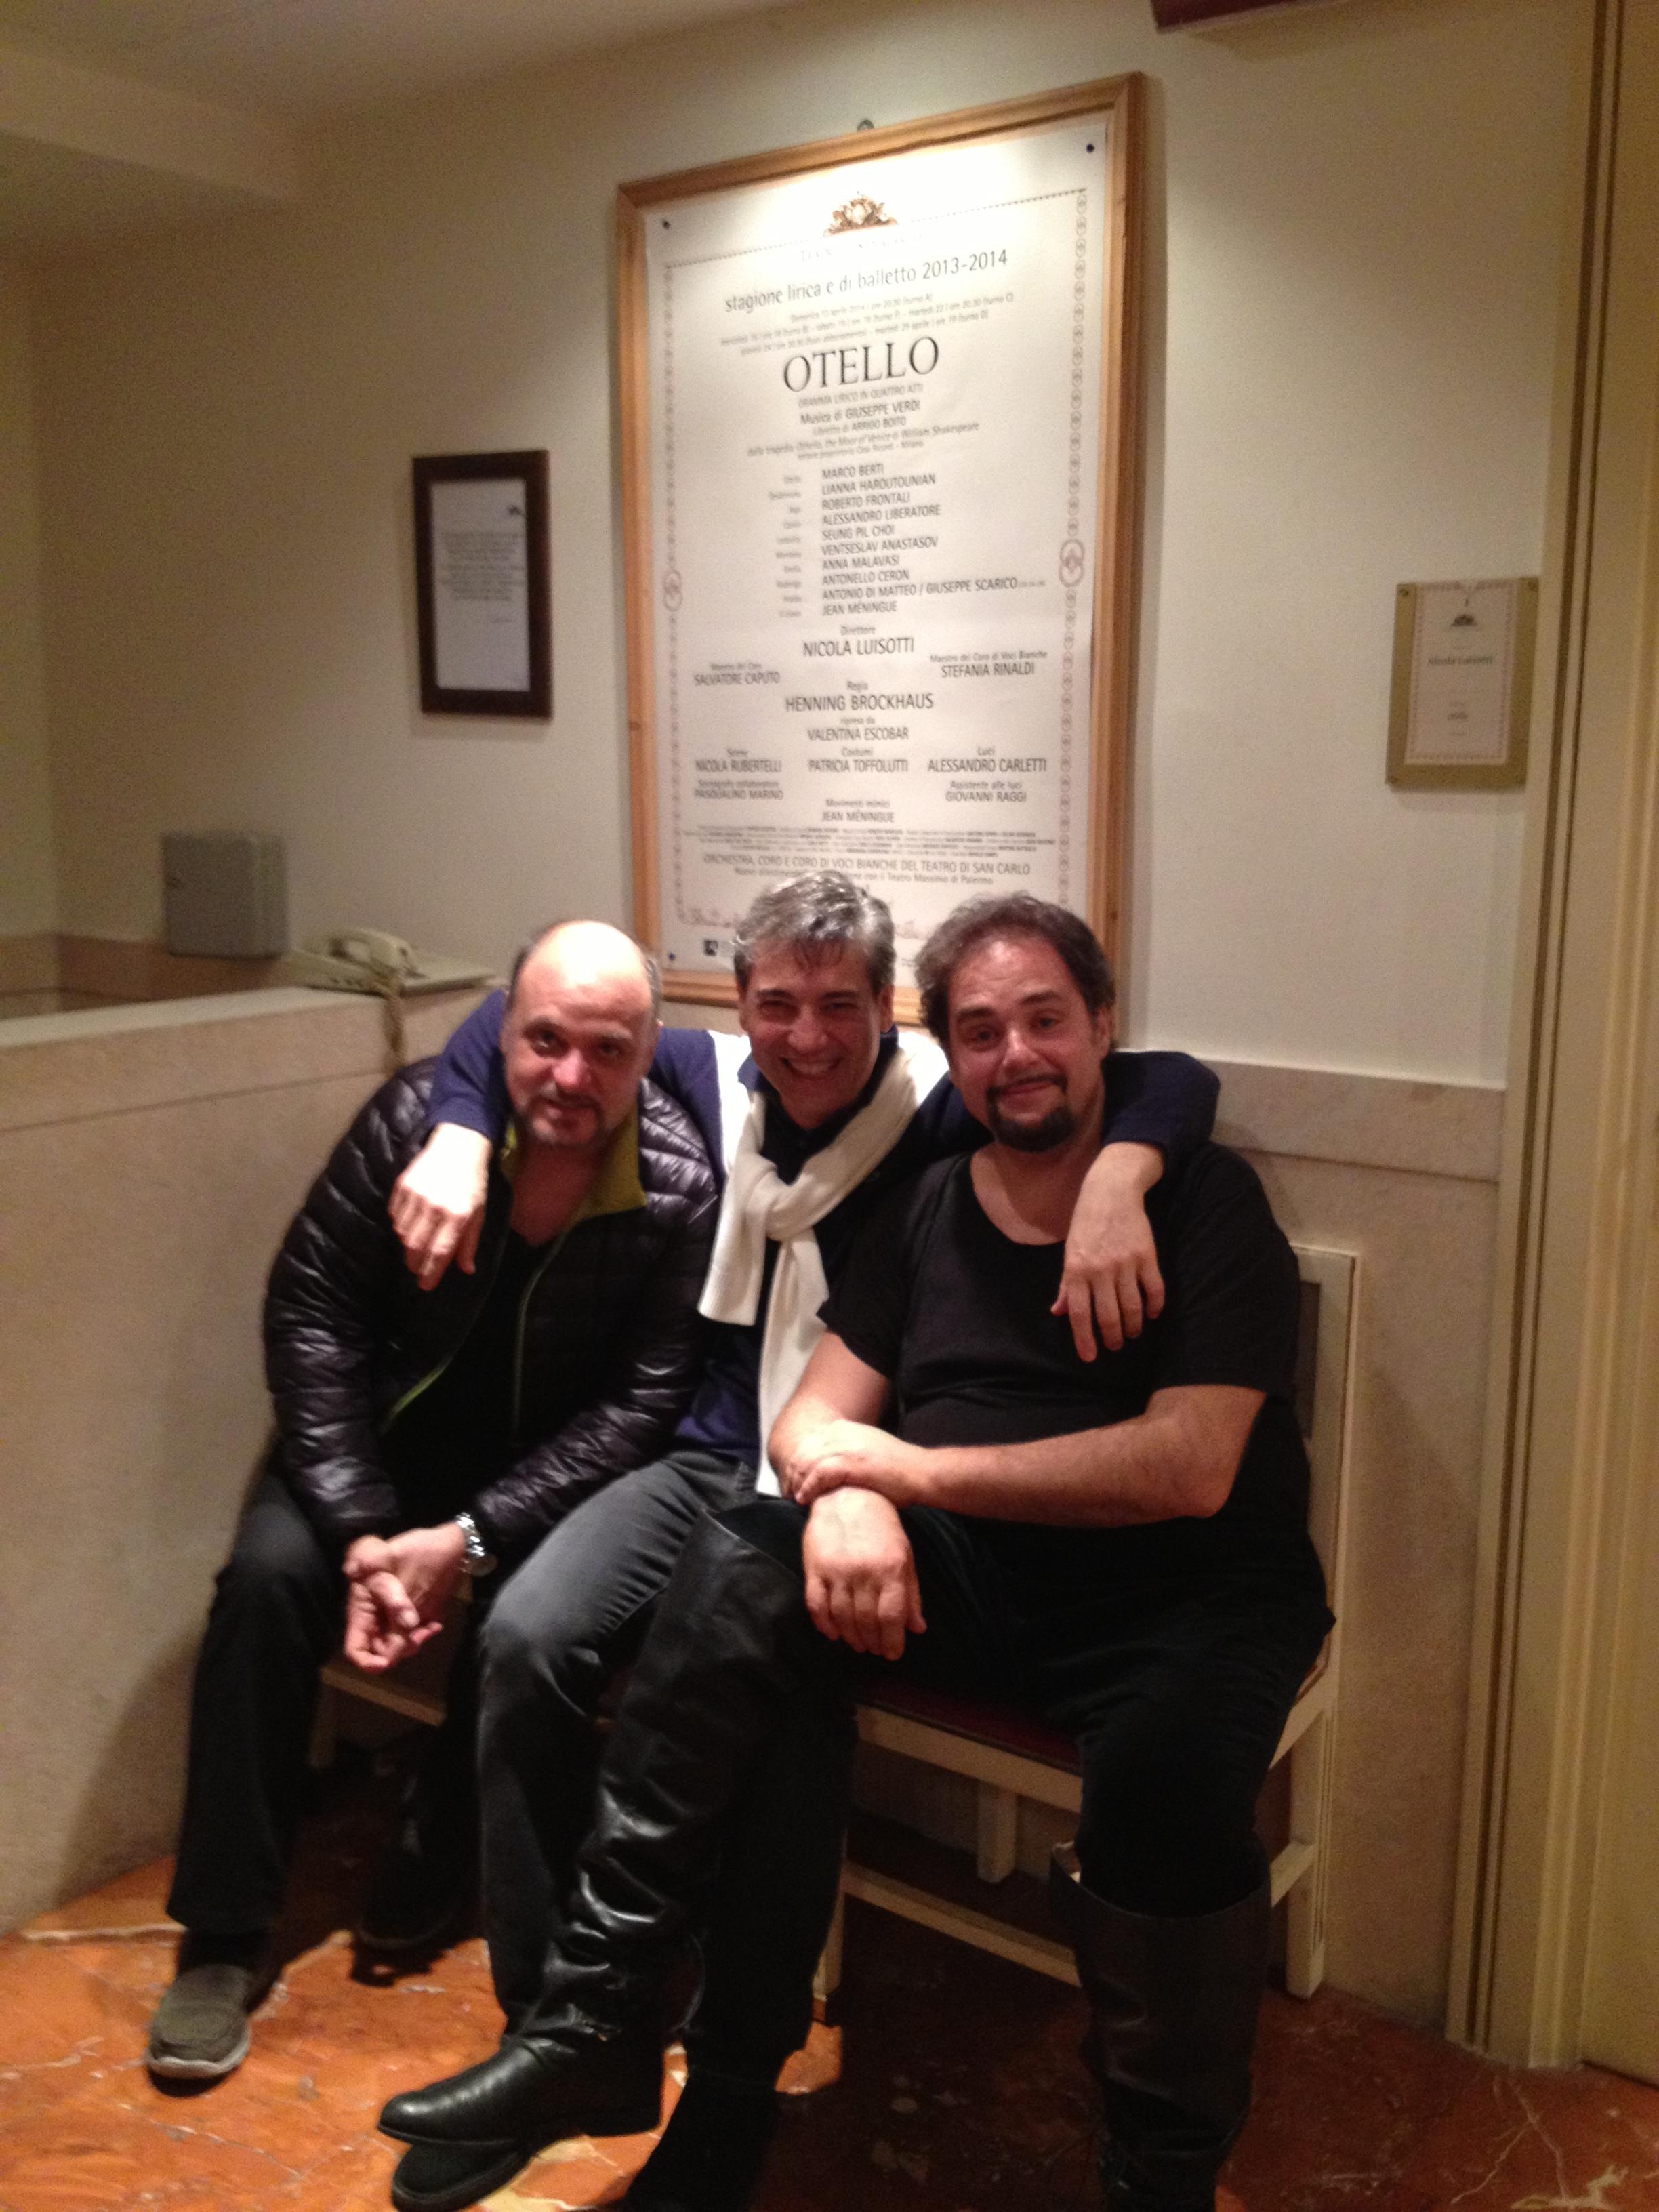 Roberto Frontali con Nicola Luisotti e Marco Berti